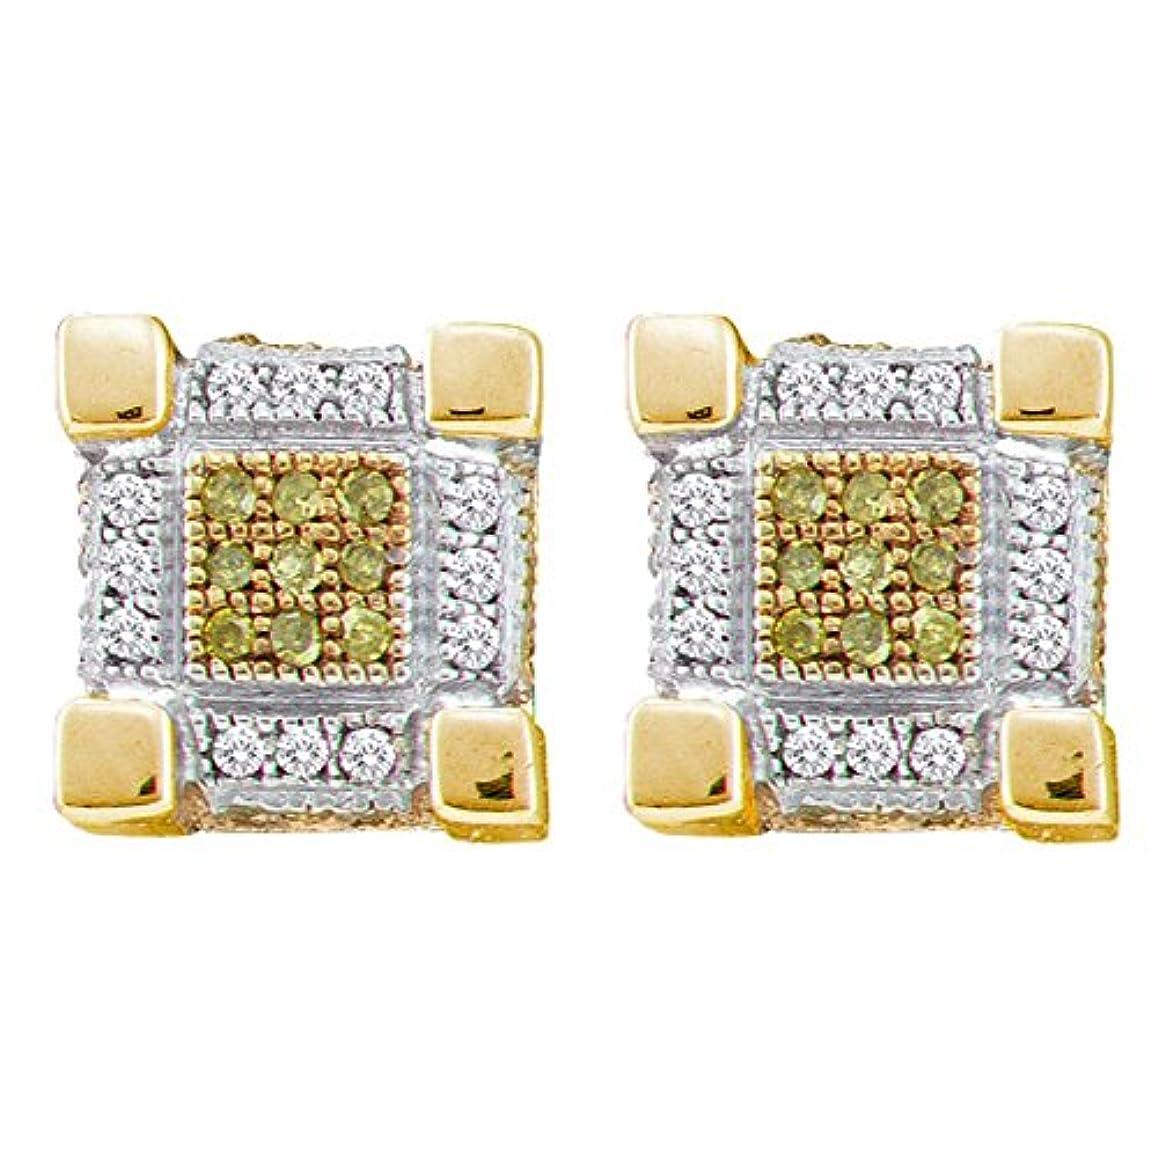 哲学的曲げるもの10kt イエローゴールド メンズ ラウンド イエローカラー 強化ダイヤモンド 3D キューブスタッドピアス 1/4カラット